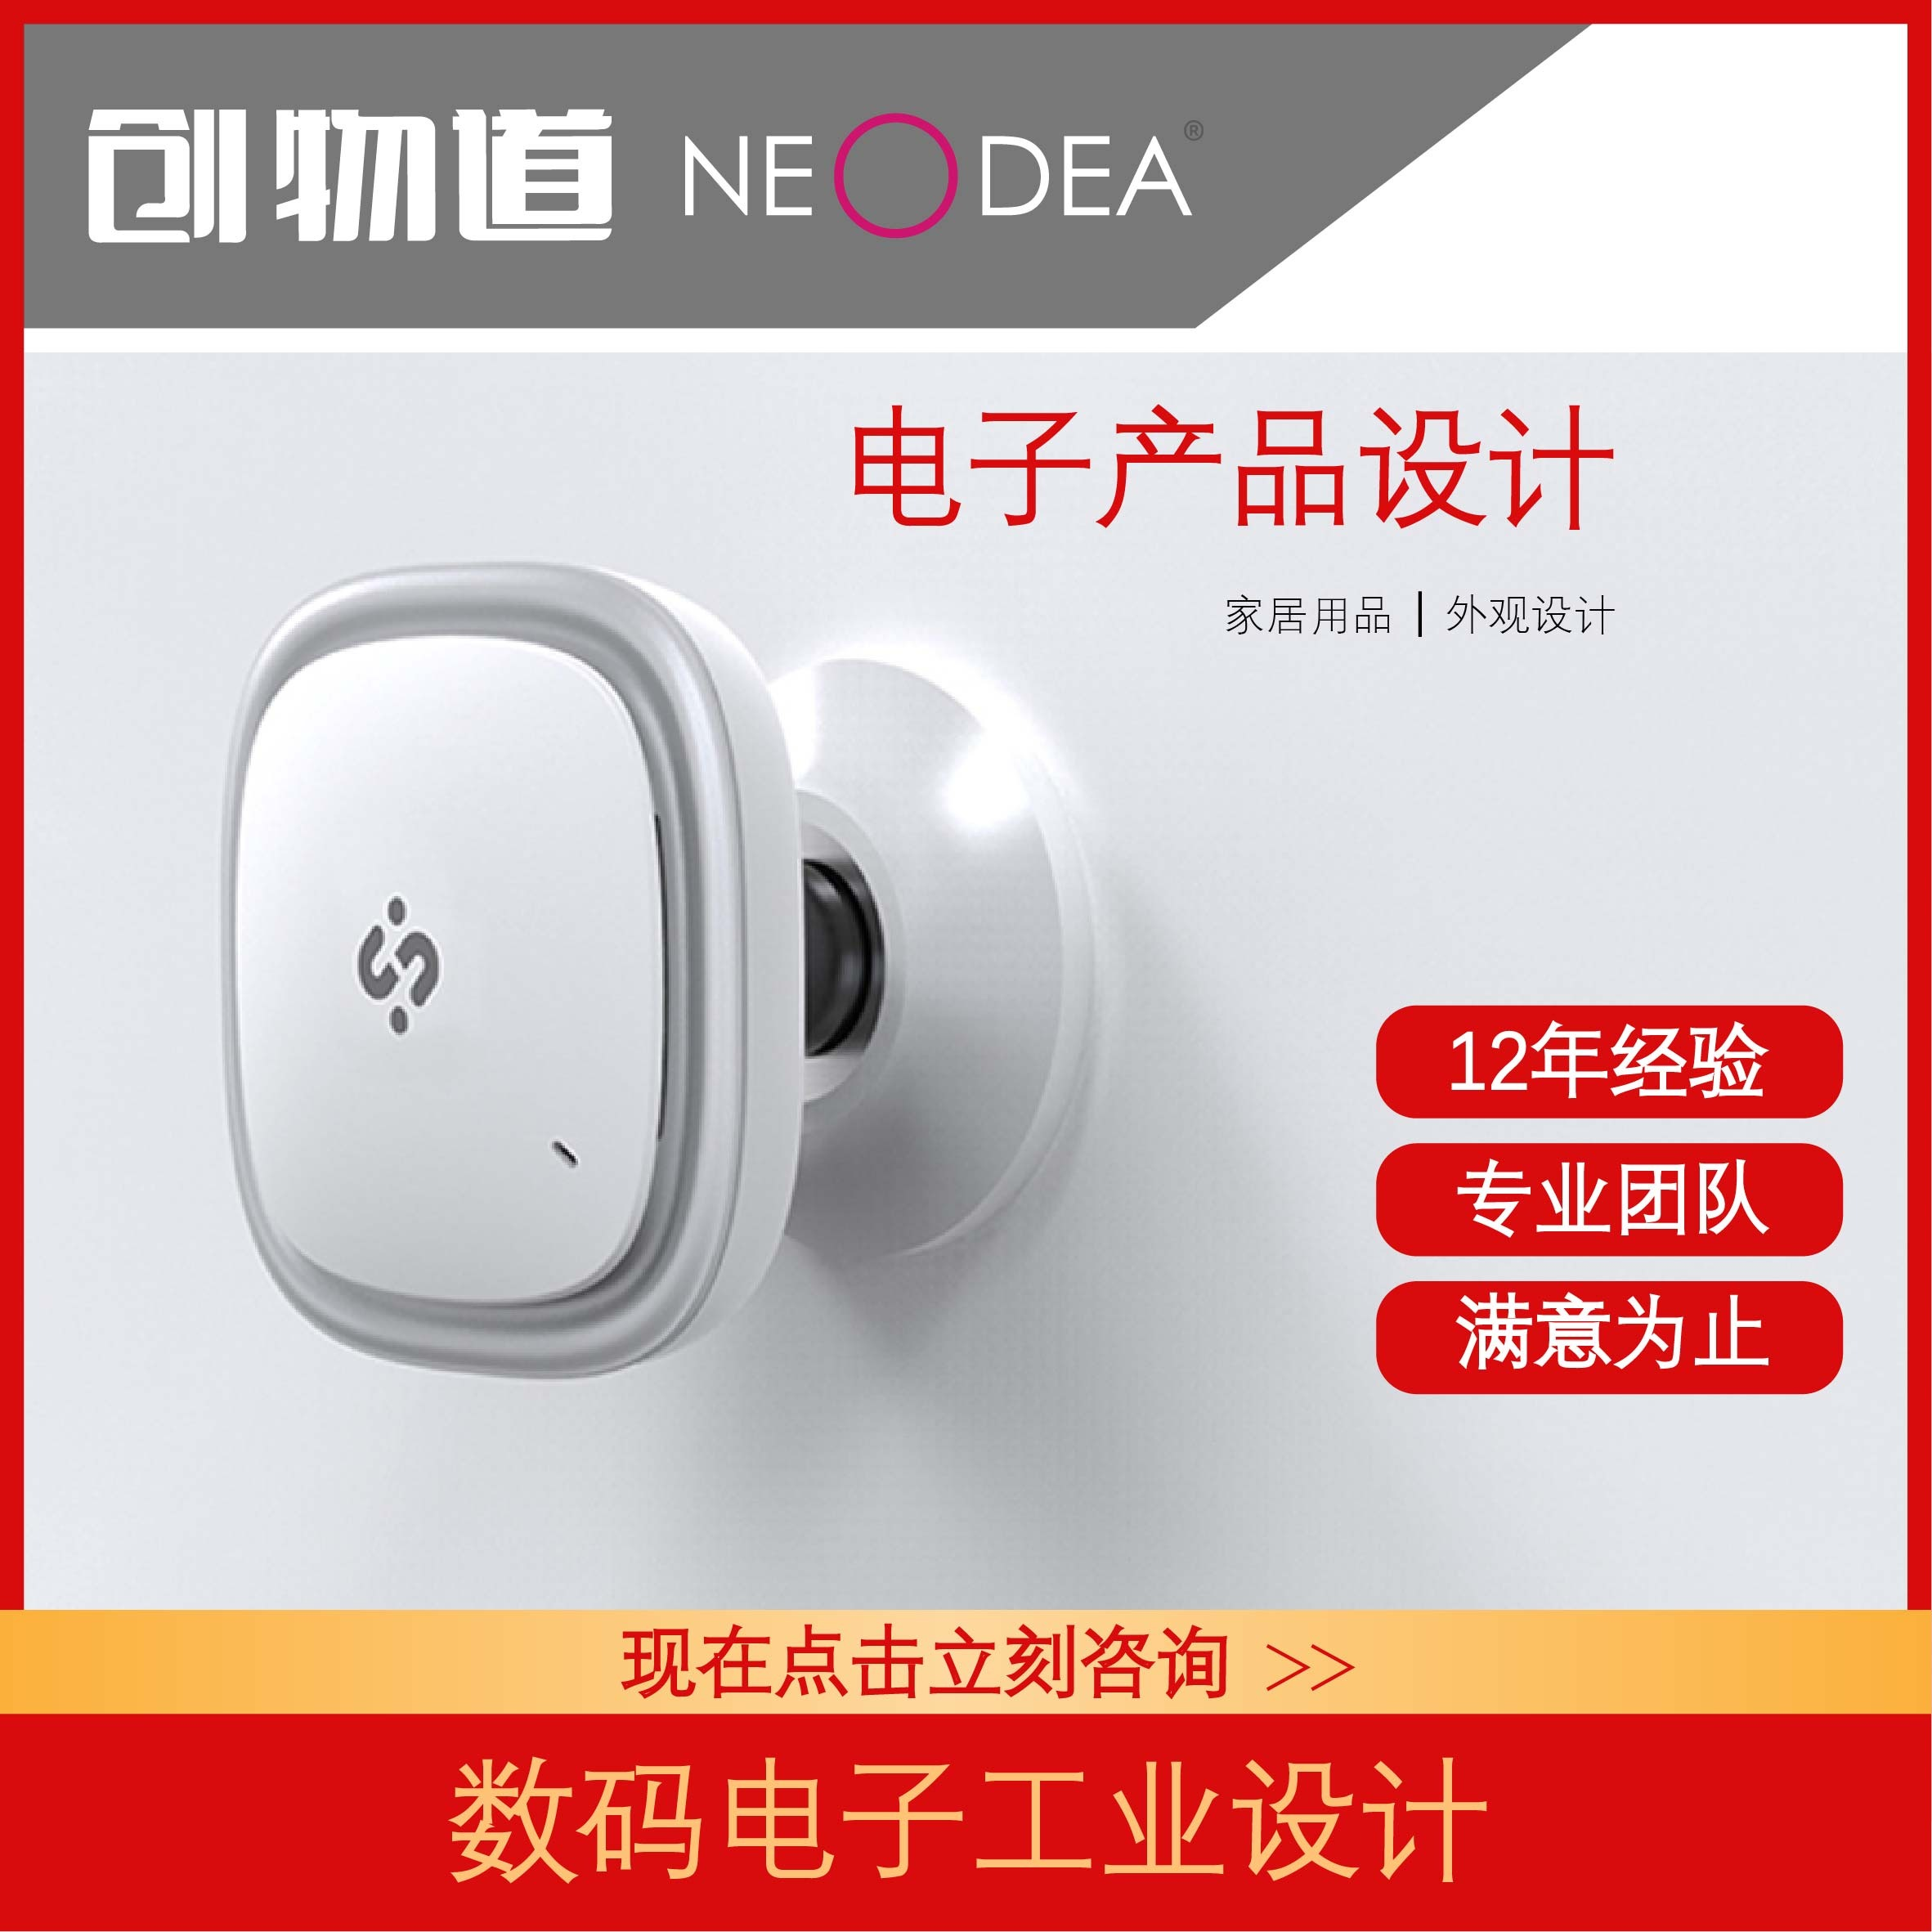 数码电子工业 设计 产品服务器路由器温控器手持安防手持平板手环